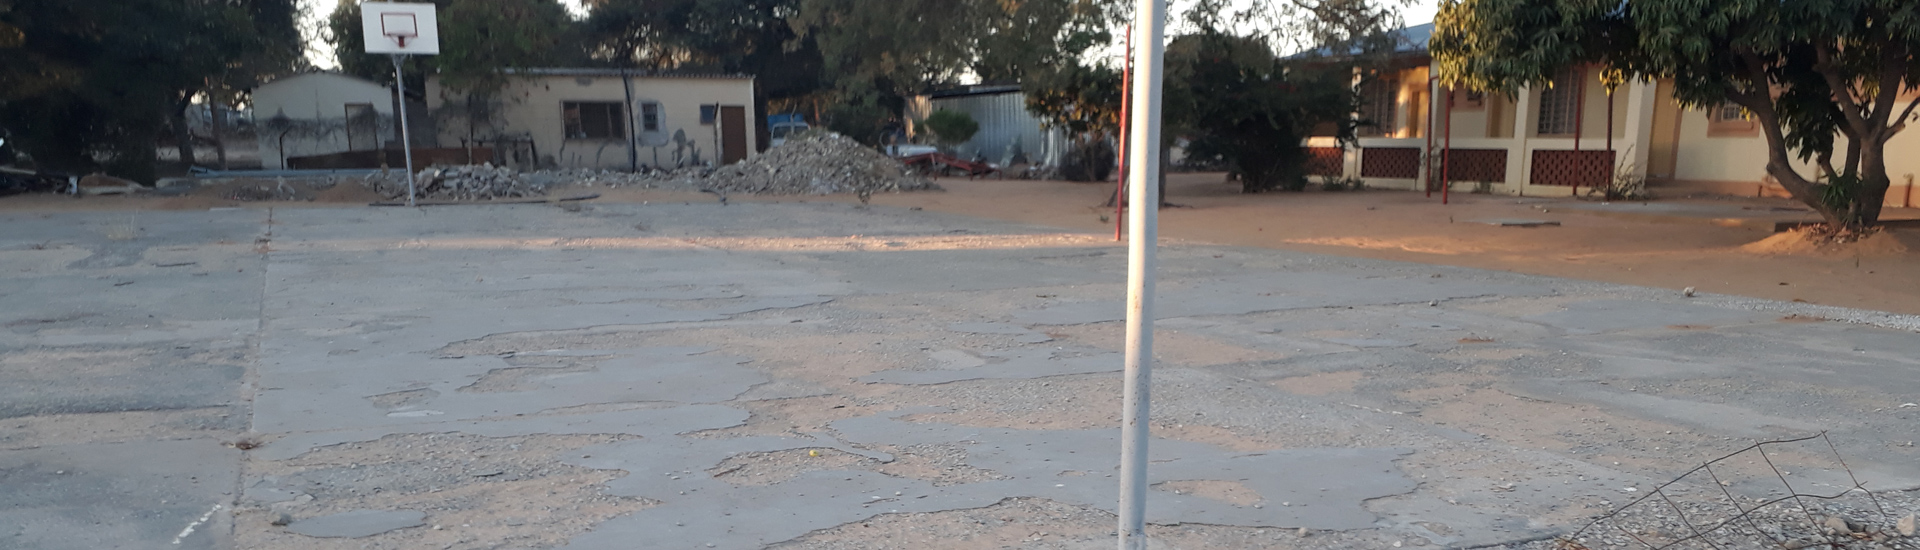 Renovación del patio del centro juvenil con 246 menores en Rundu